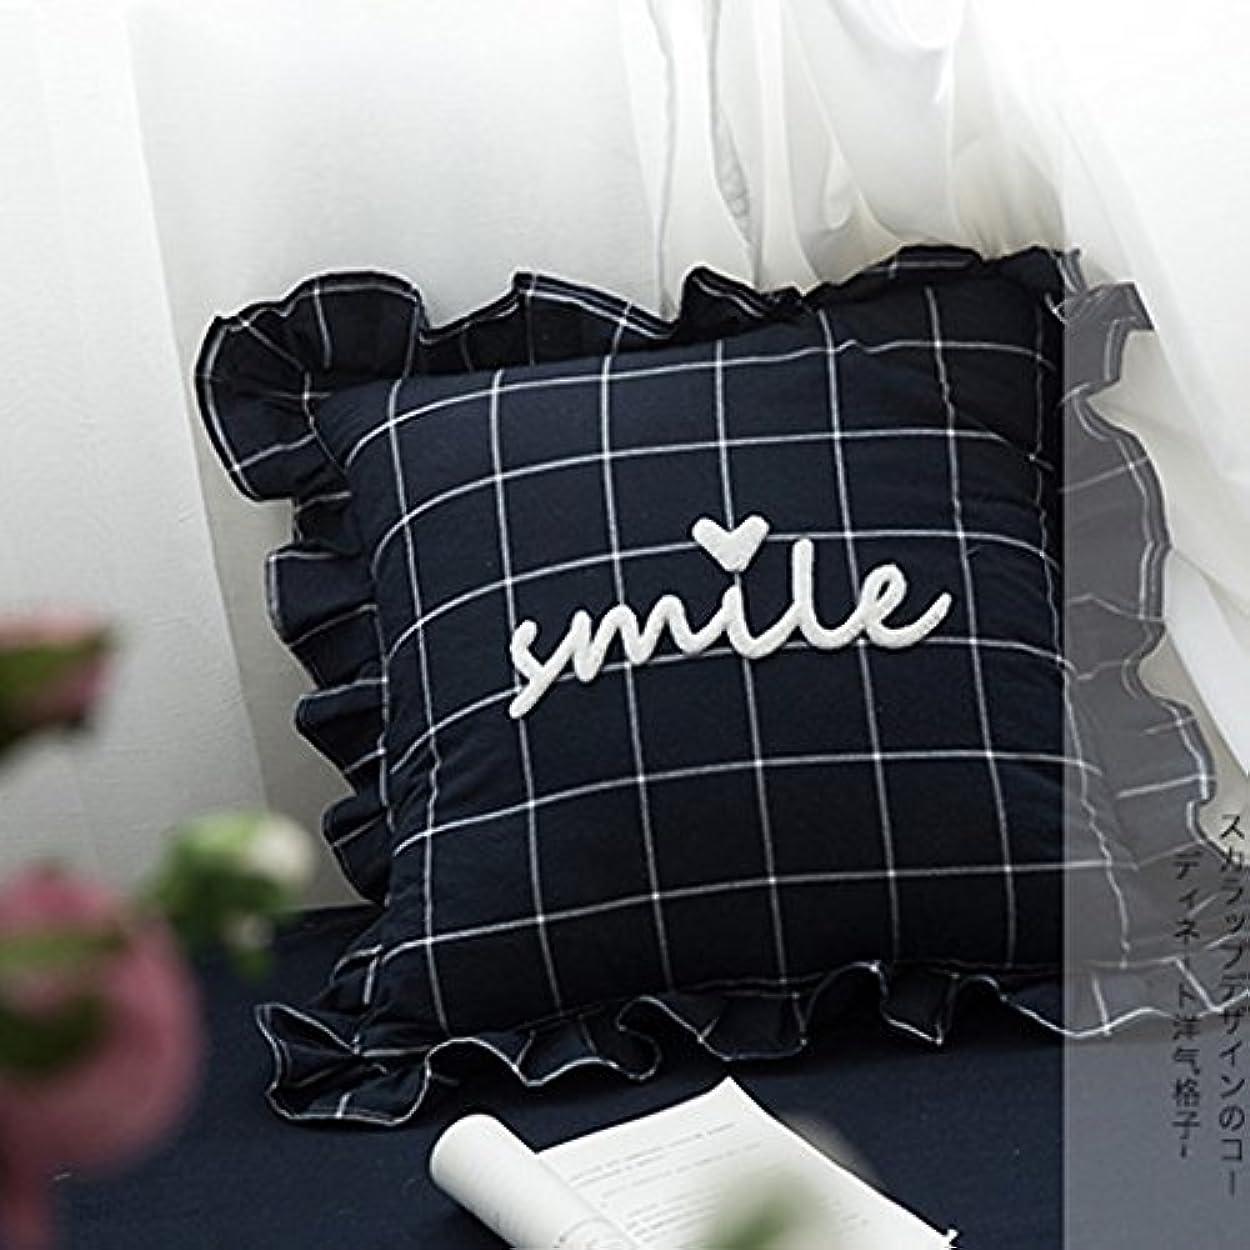 落ち込んでいるマニュアル便宜ソファーベッドの家の装飾のための古典的な格子縞の正方形の枕クッション - 青